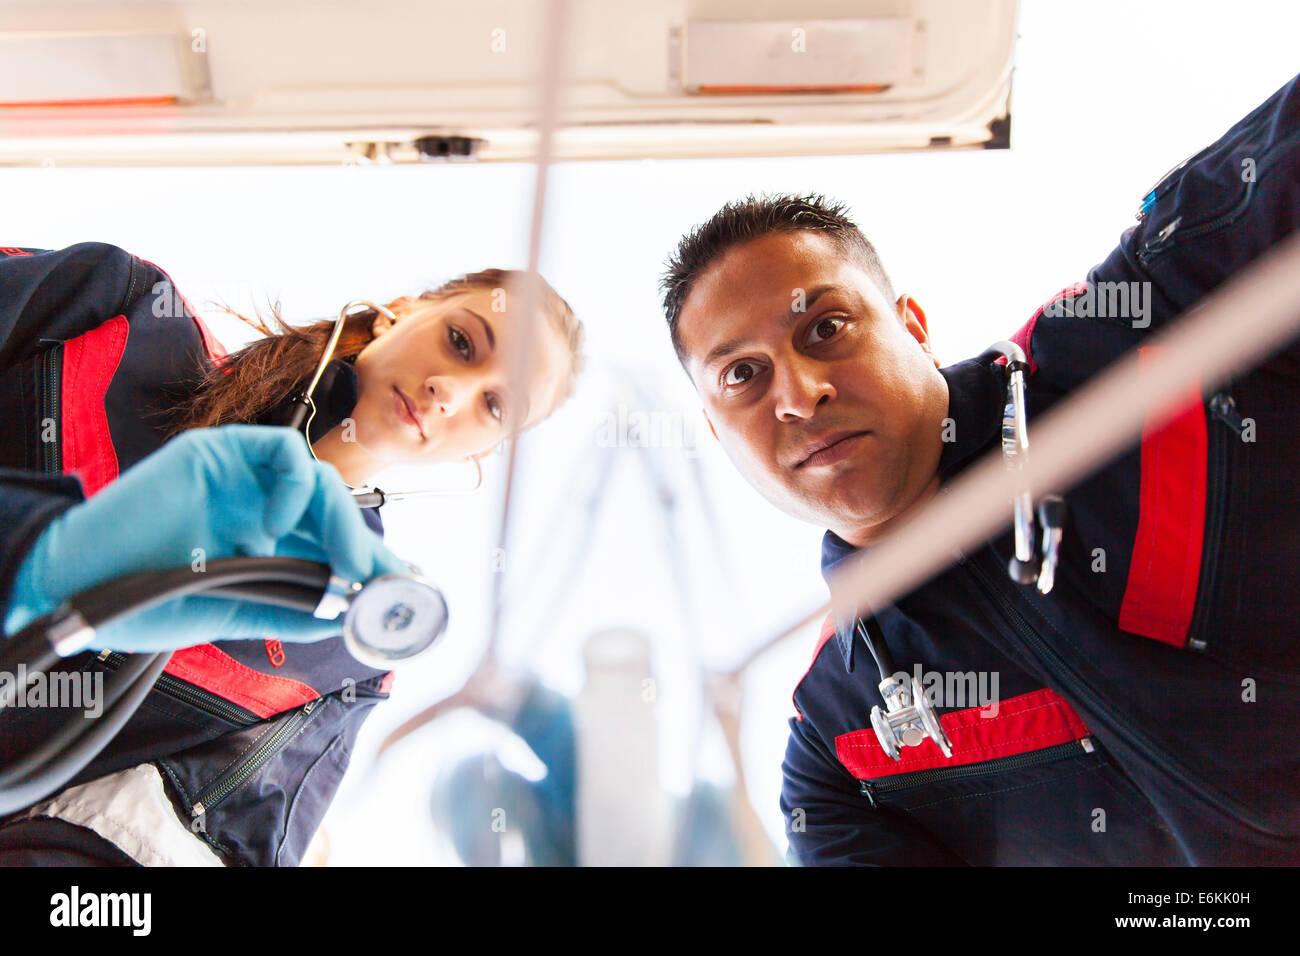 unter Ansicht der Sanitäter-Team die erste Hilfe für Patienten Stockbild